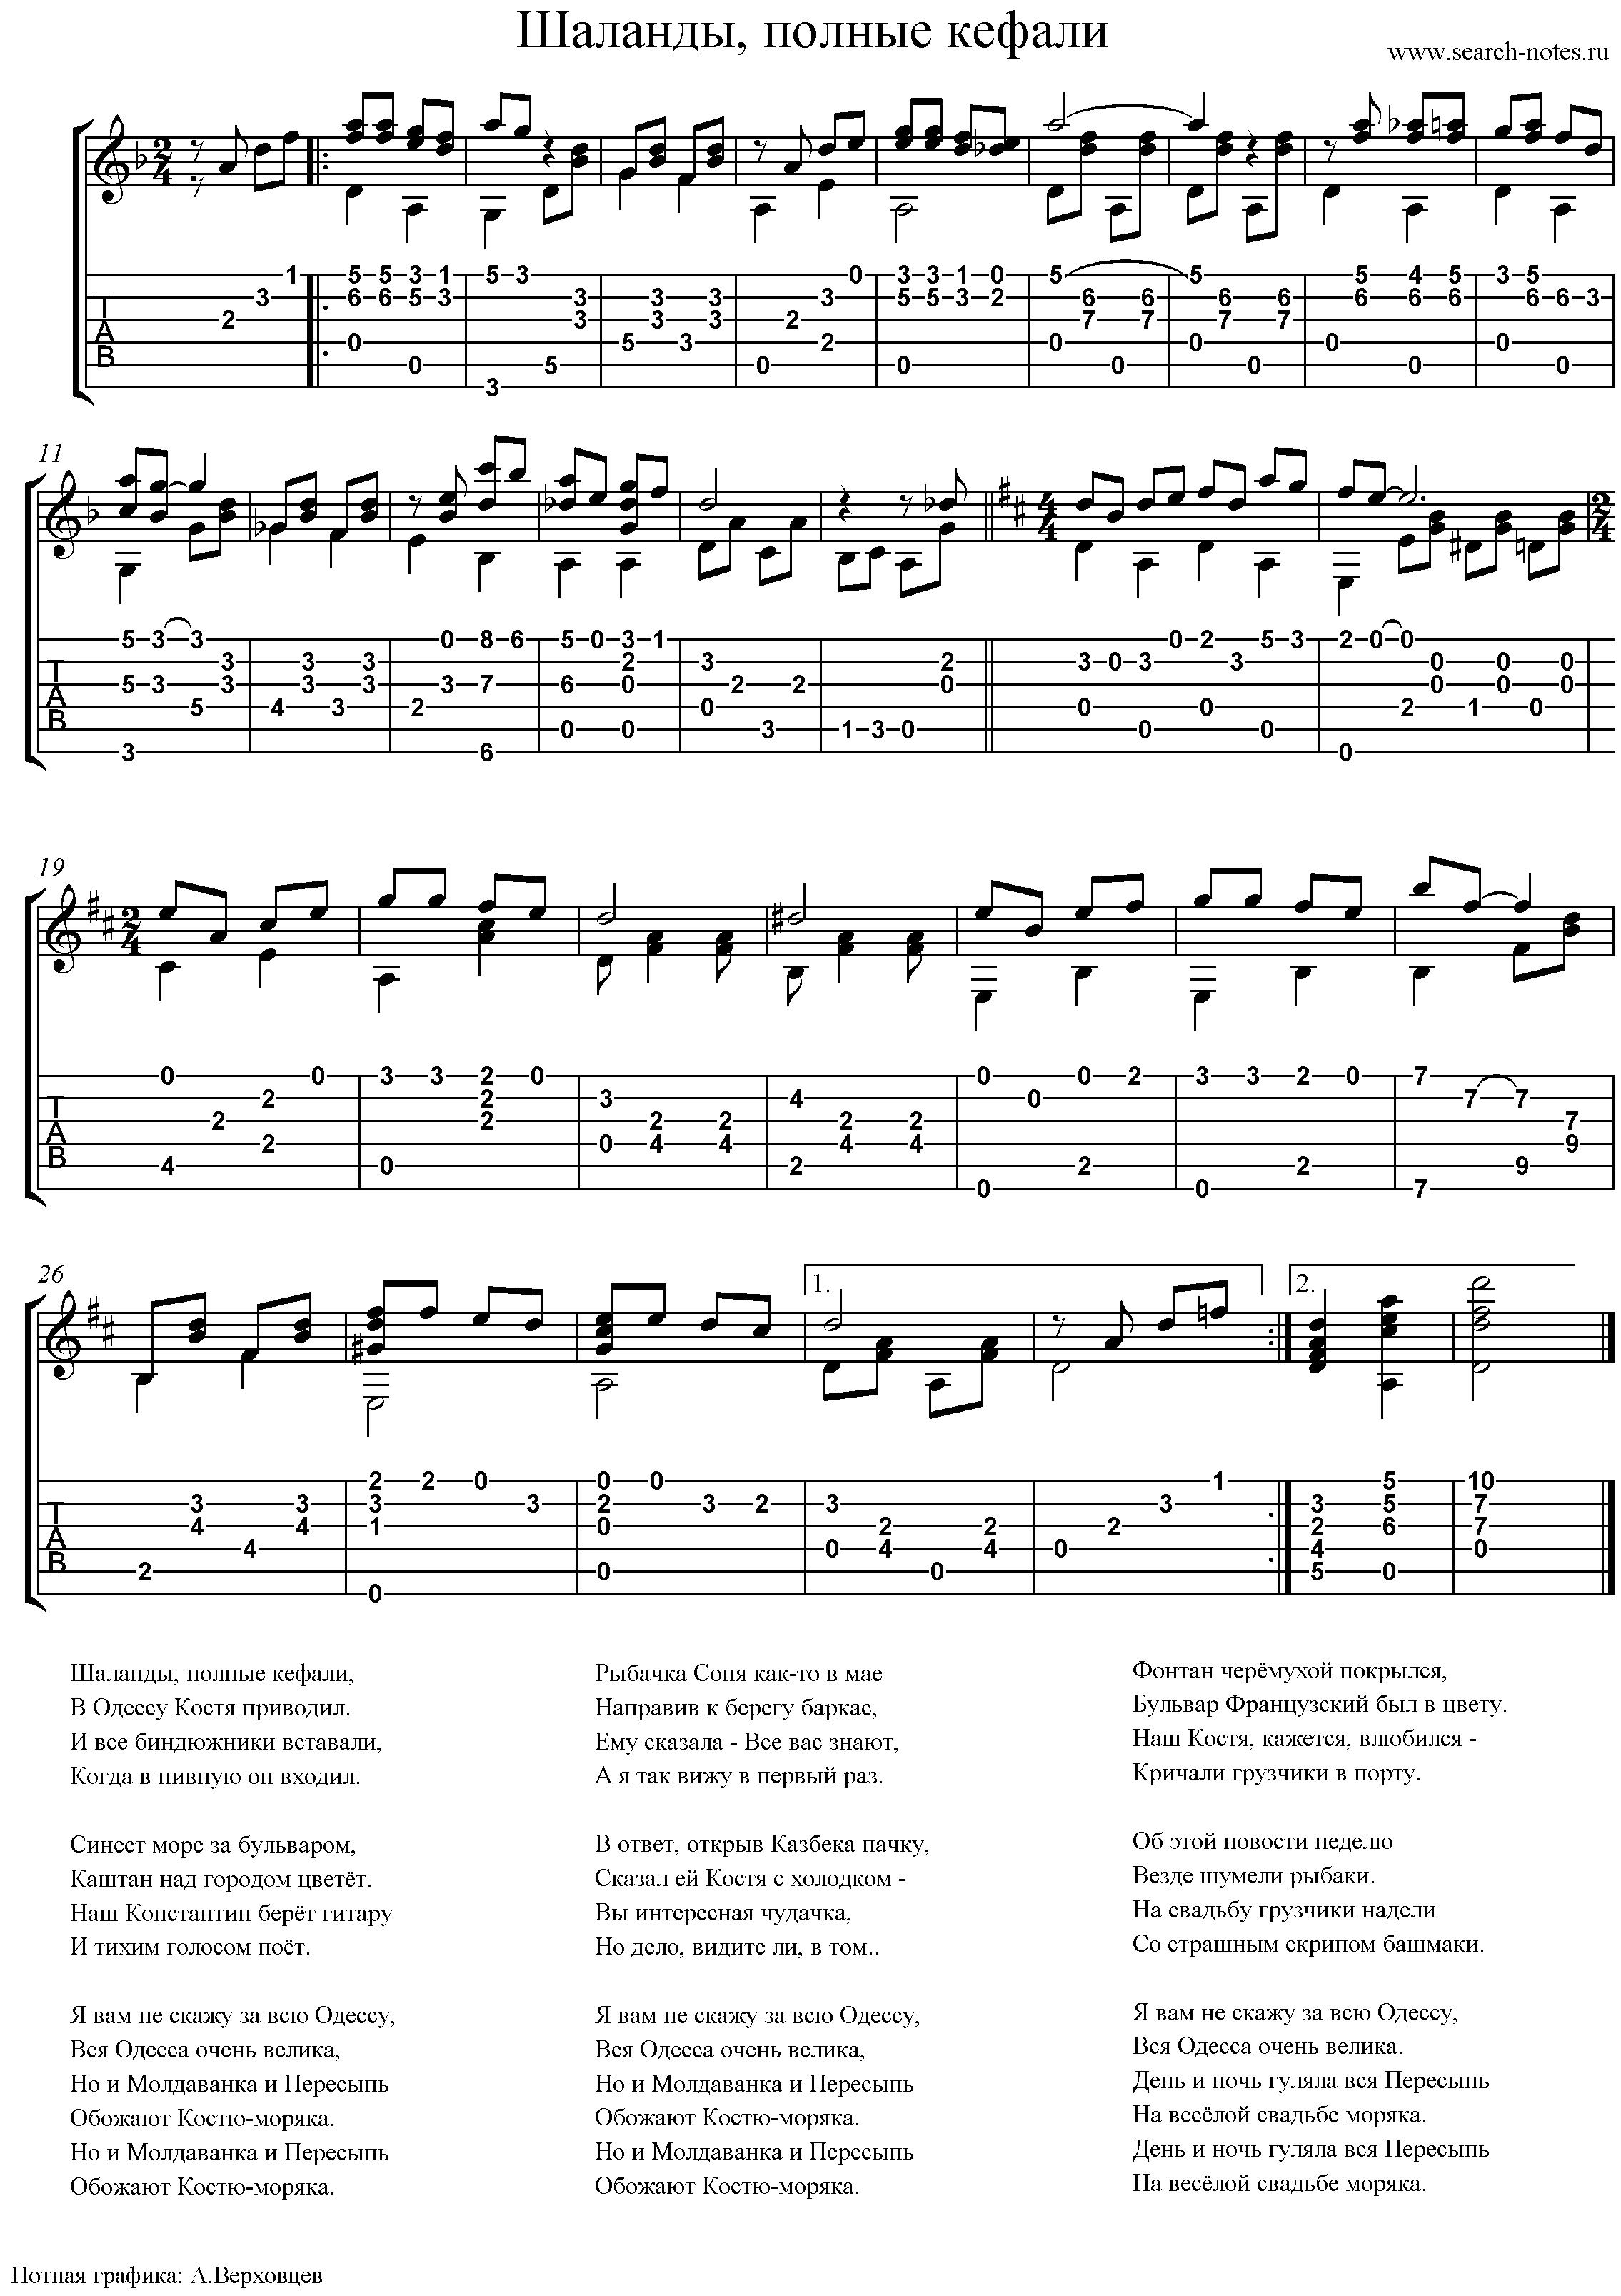 МИНУСОВКА ПЕСНИ ШАЛАНДЫ ПОЛНЫЕ КЕФАЛИ СКАЧАТЬ БЕСПЛАТНО